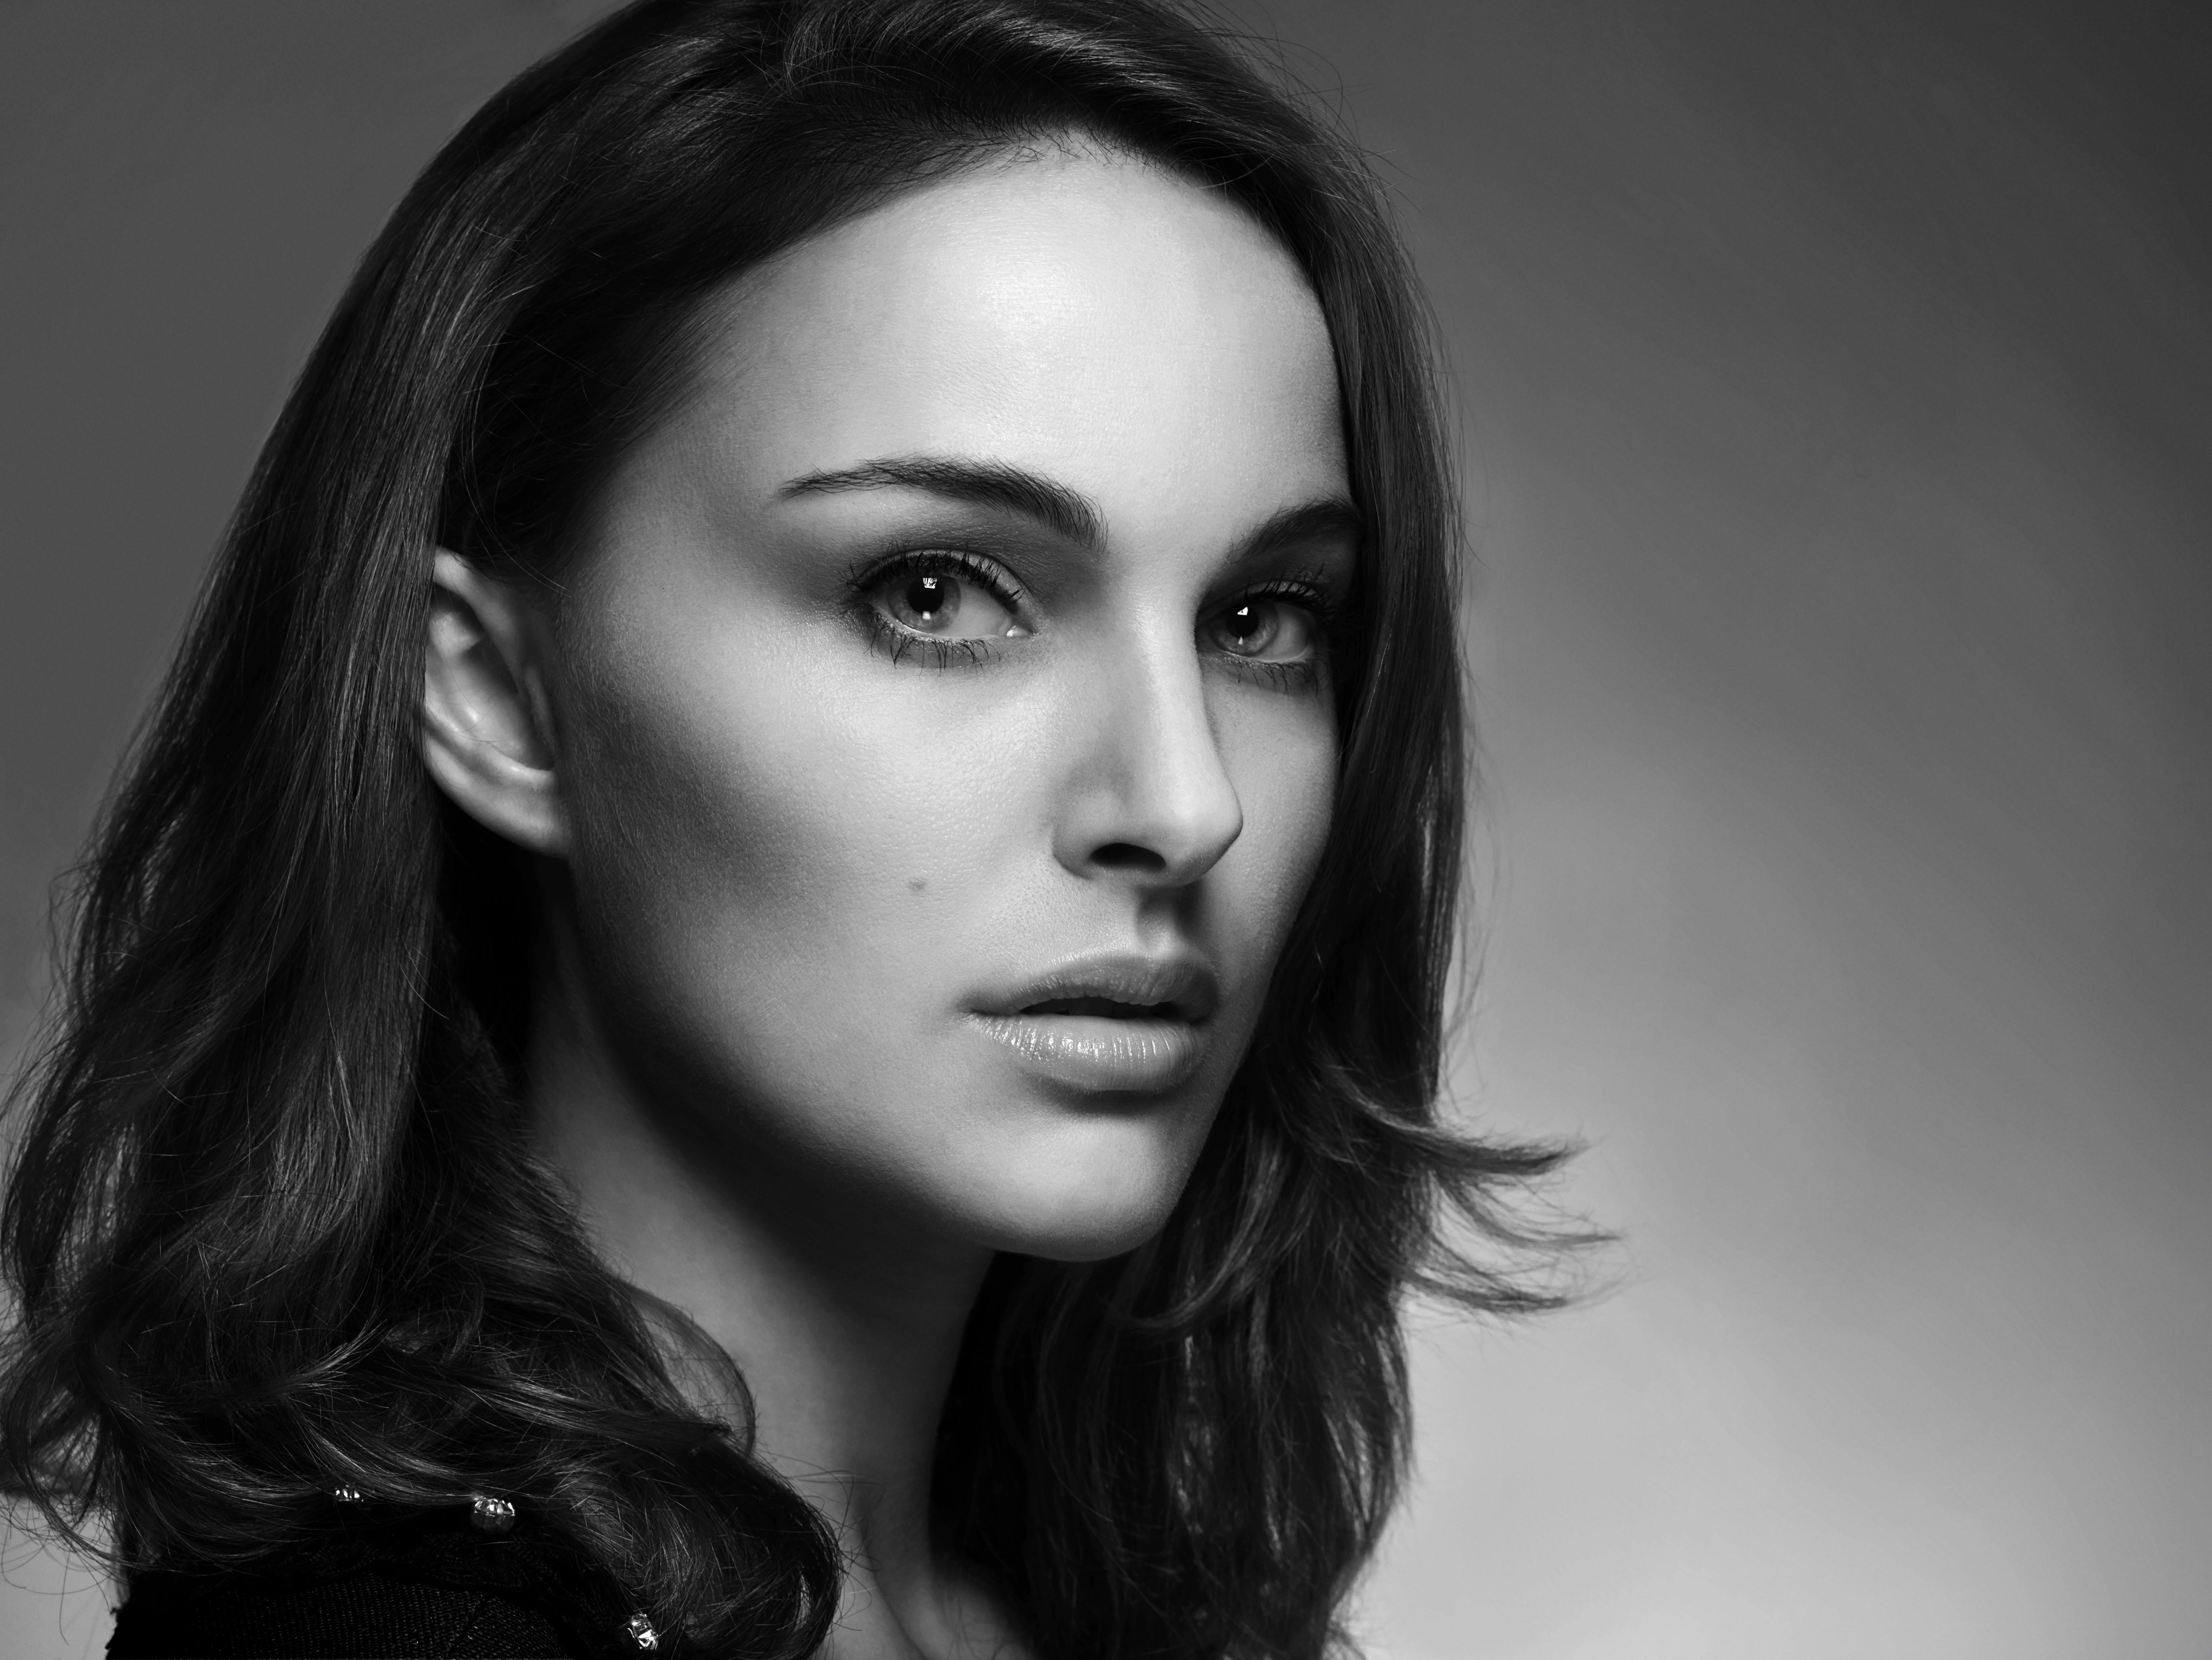 Актриса Натали Портман